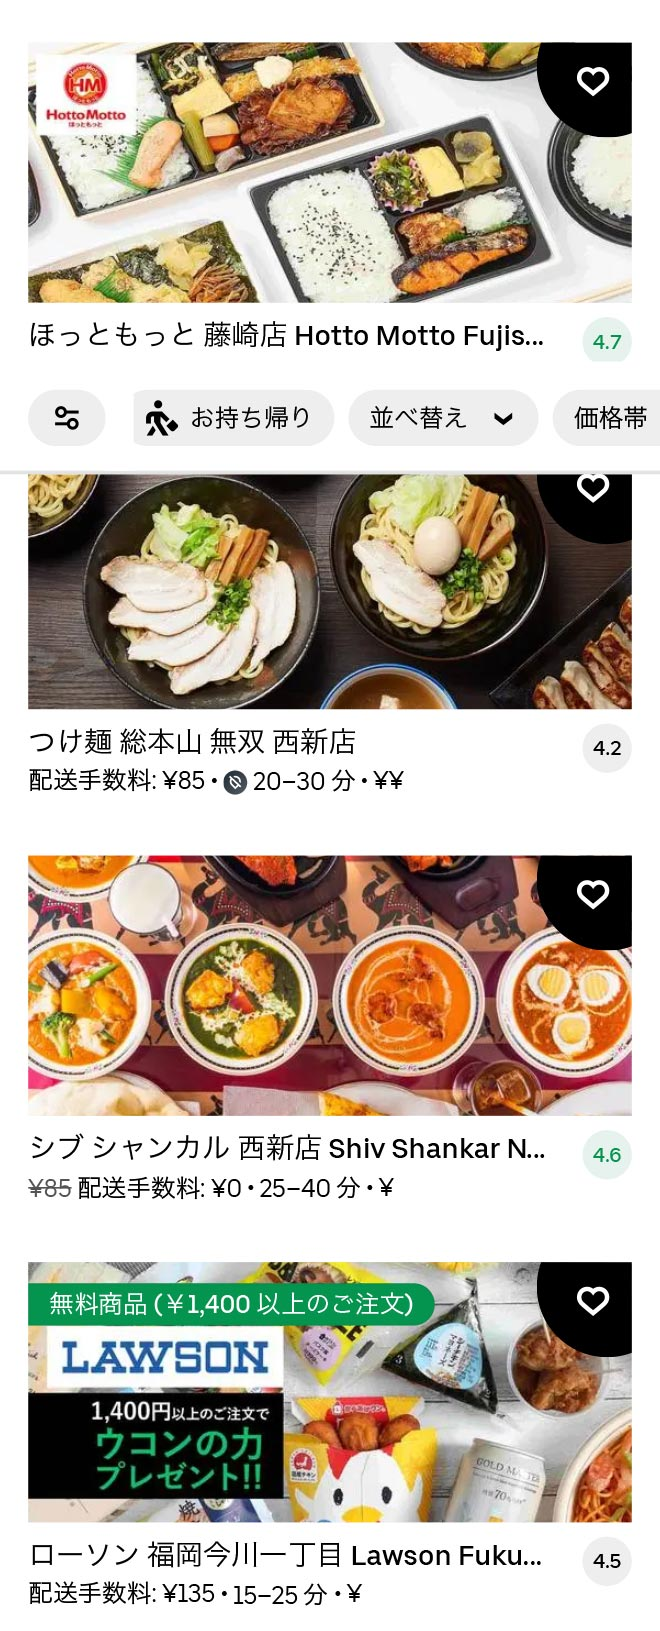 Nishijin menu 2101 04